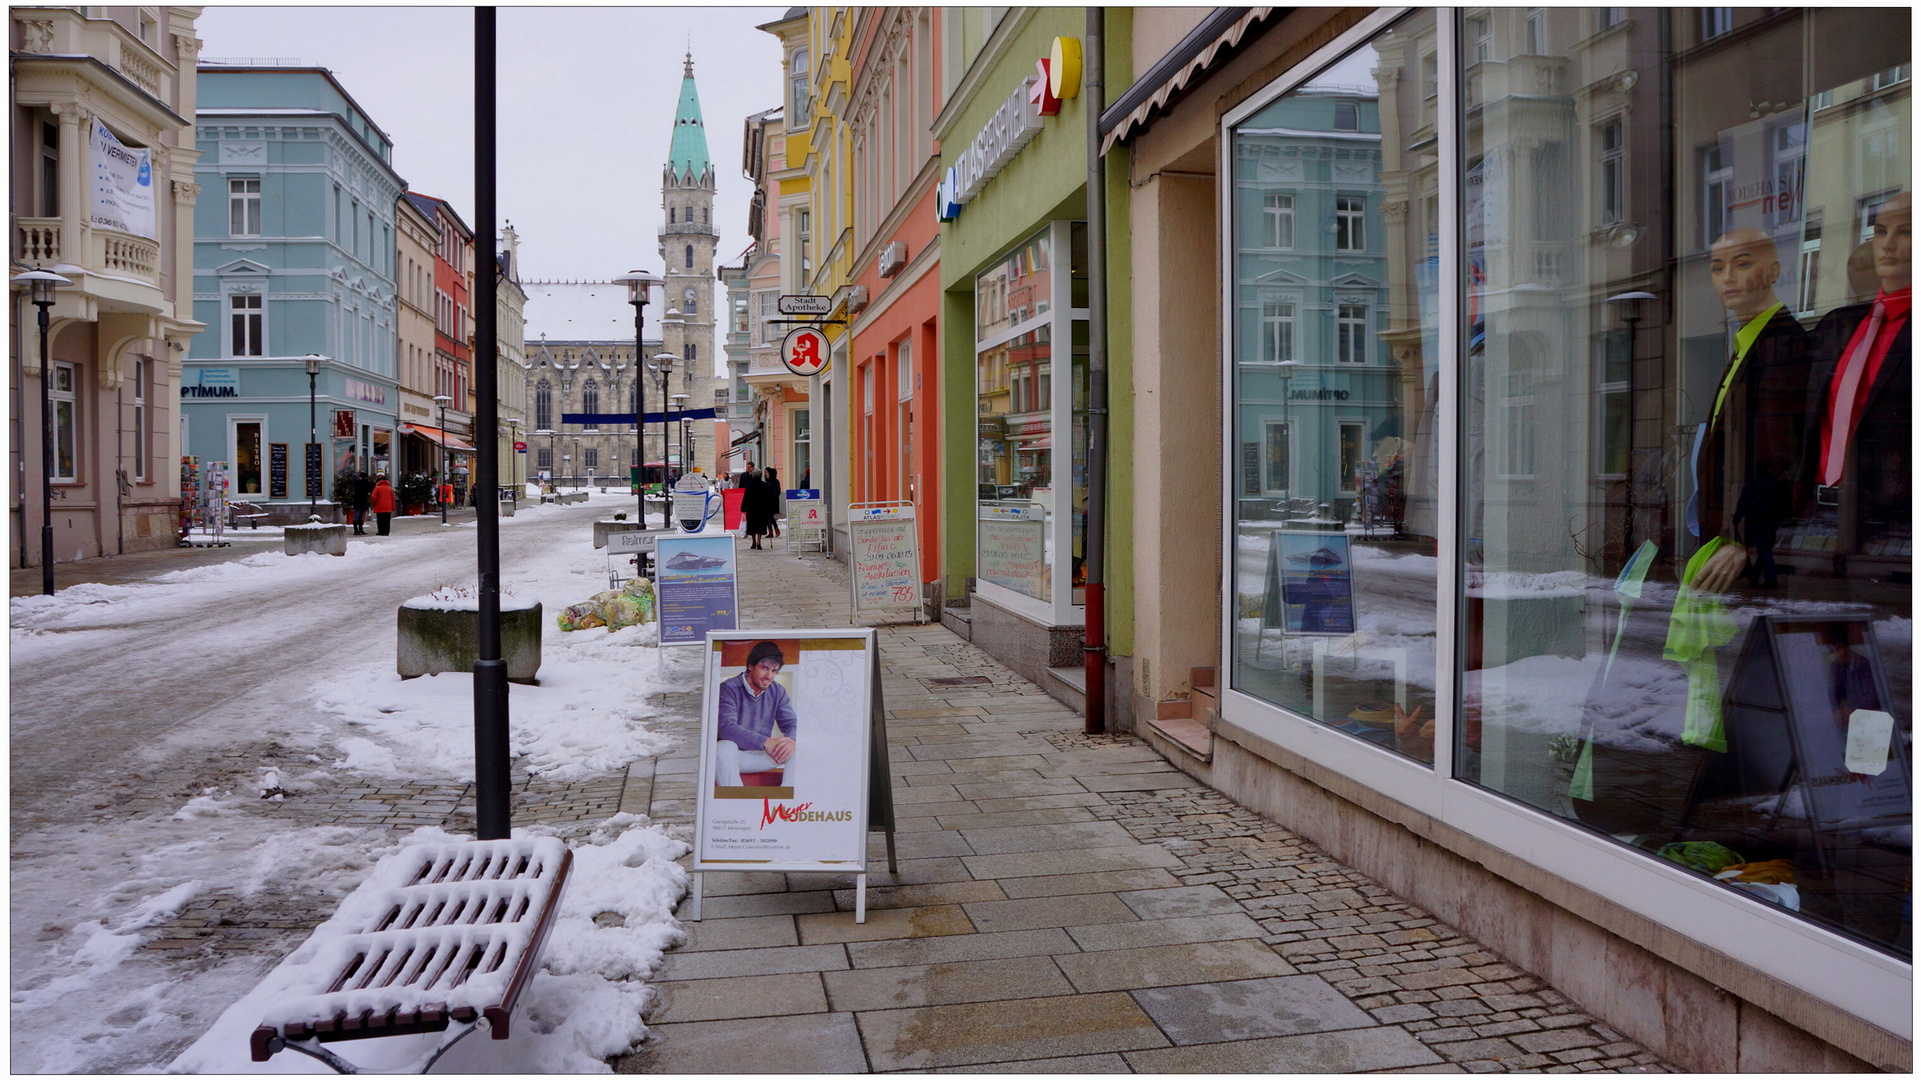 Meiningen, en la calle principal (Meiningen, Hauptstrasse)